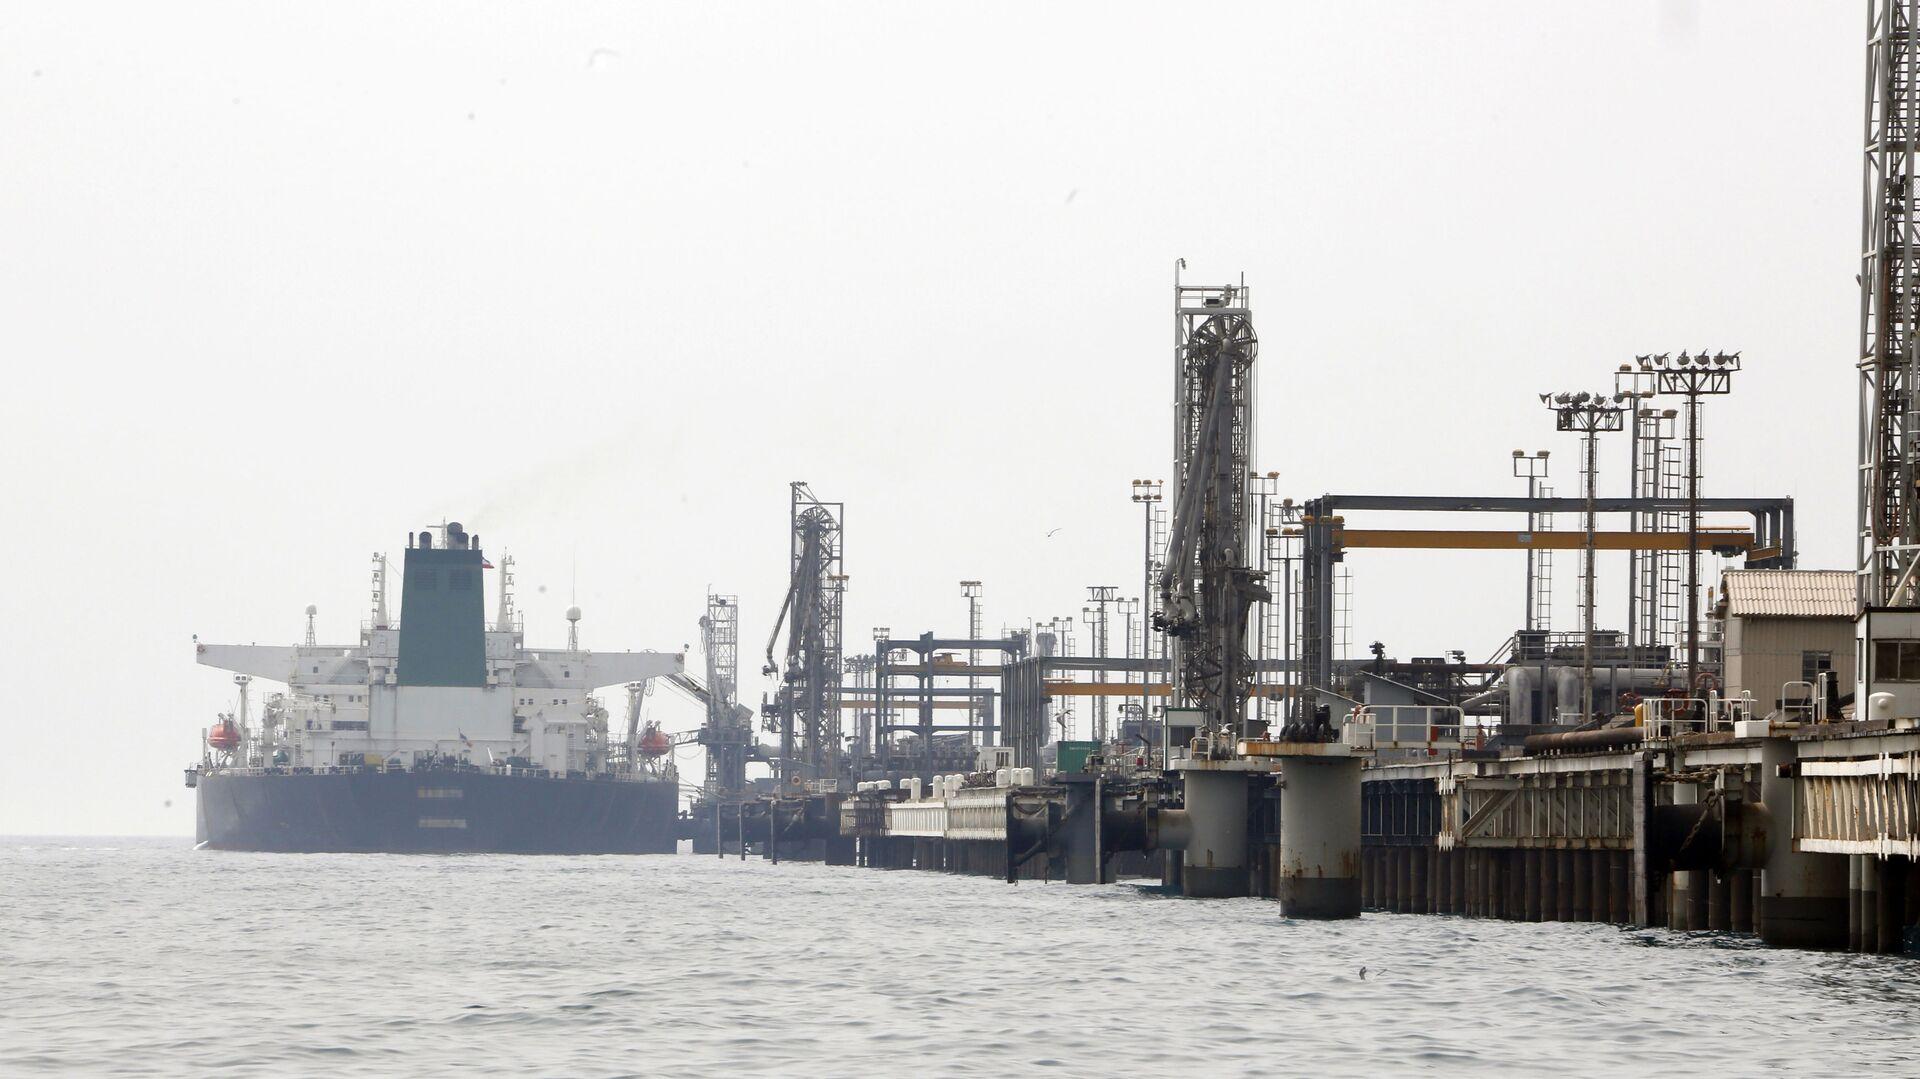 Íránský ropný tanker u ostrova Chark v Perském zálivu - Sputnik Česká republika, 1920, 05.07.2021